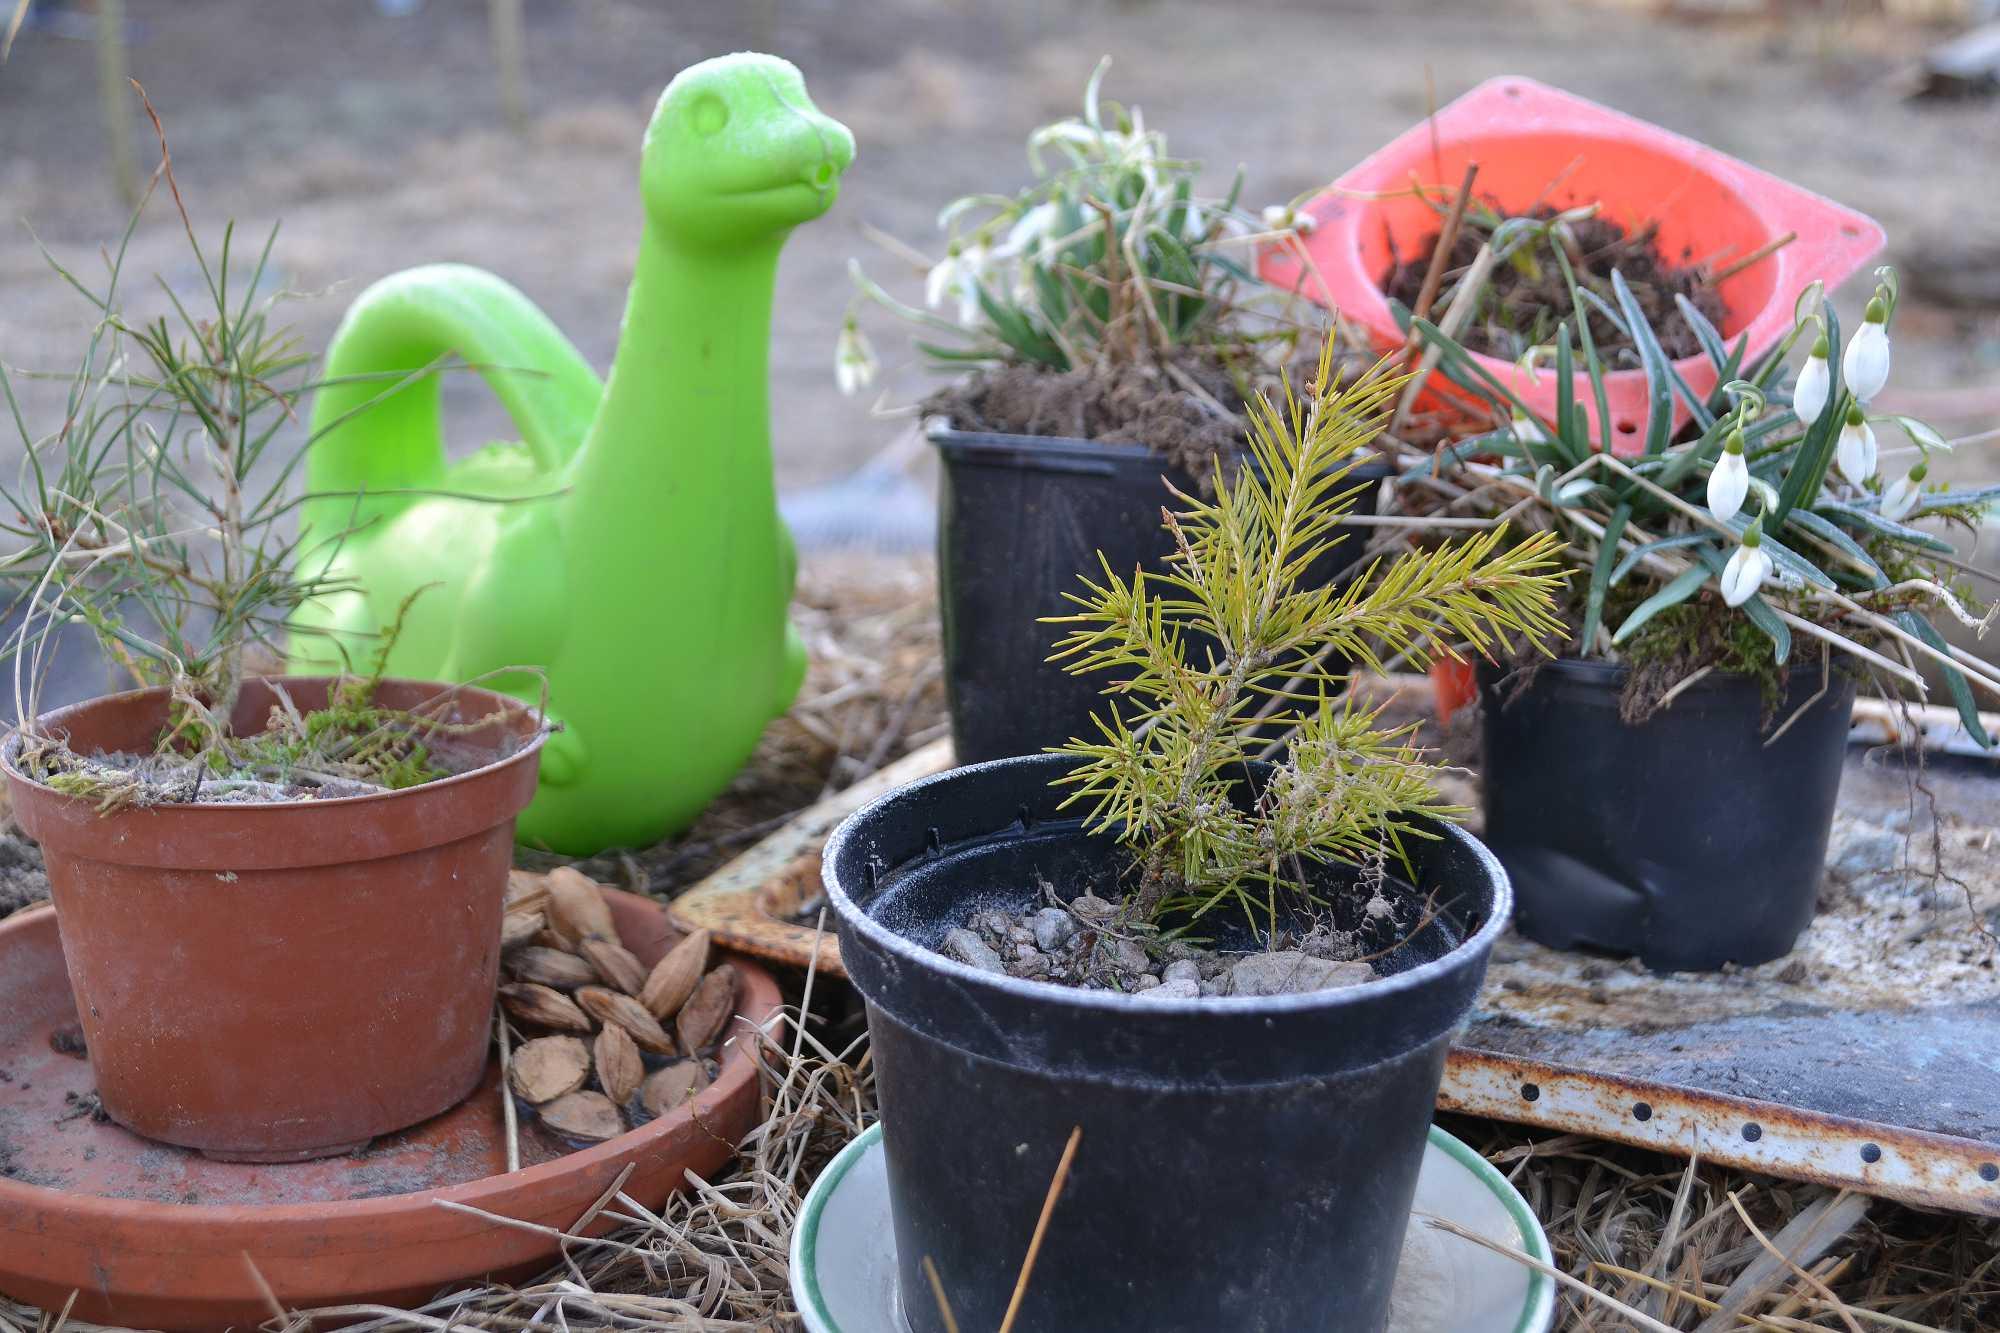 Små plantor i krukor och en illgrön vattenkanna i form av en dinosaurie.